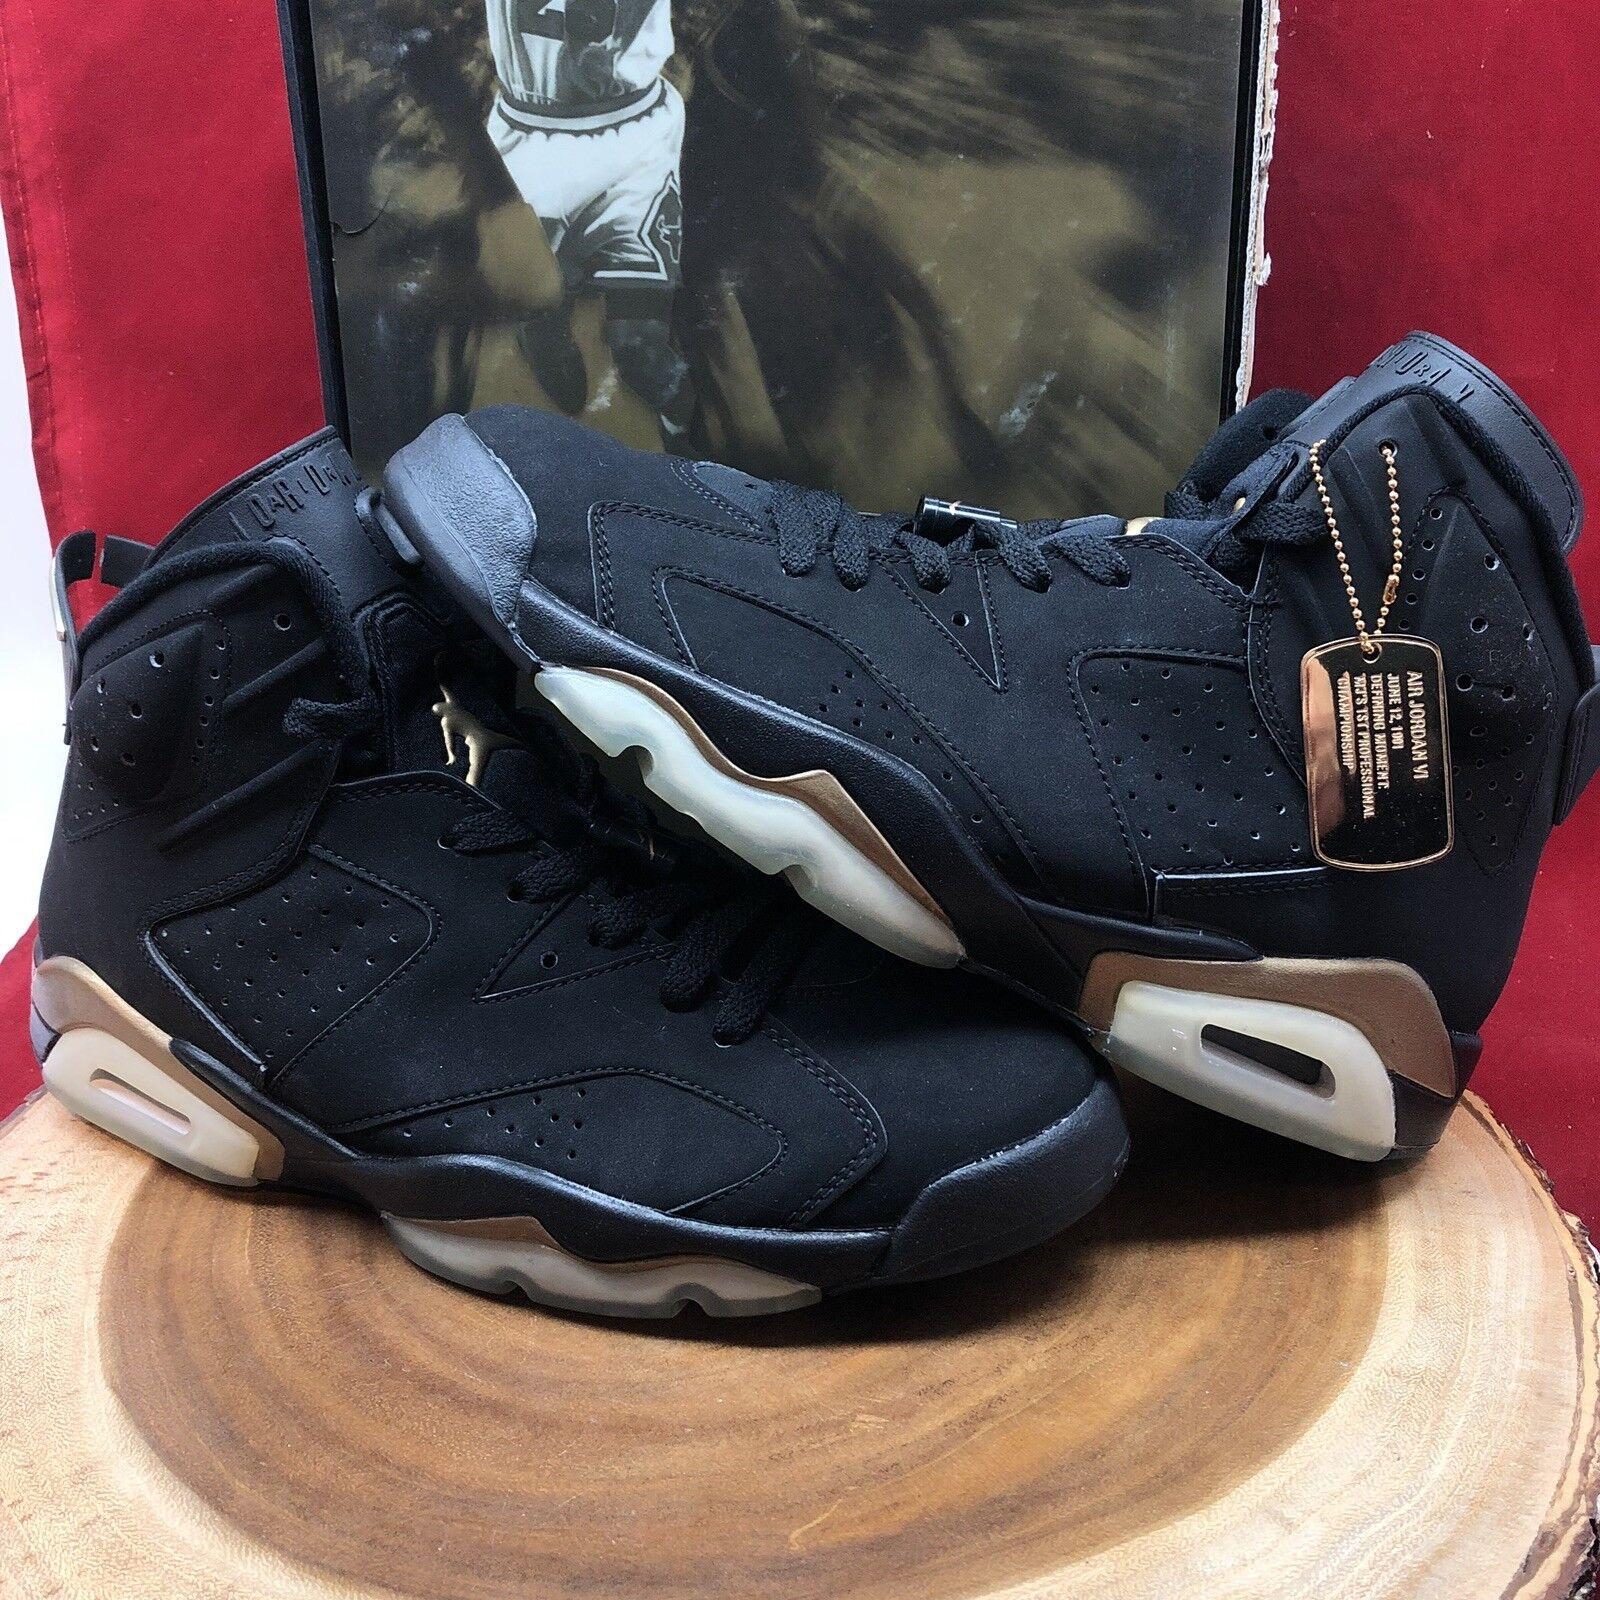 Nike Air Jordan Retro VI DMP Defining Moments Black gold Size 10.5 136038 071 XI